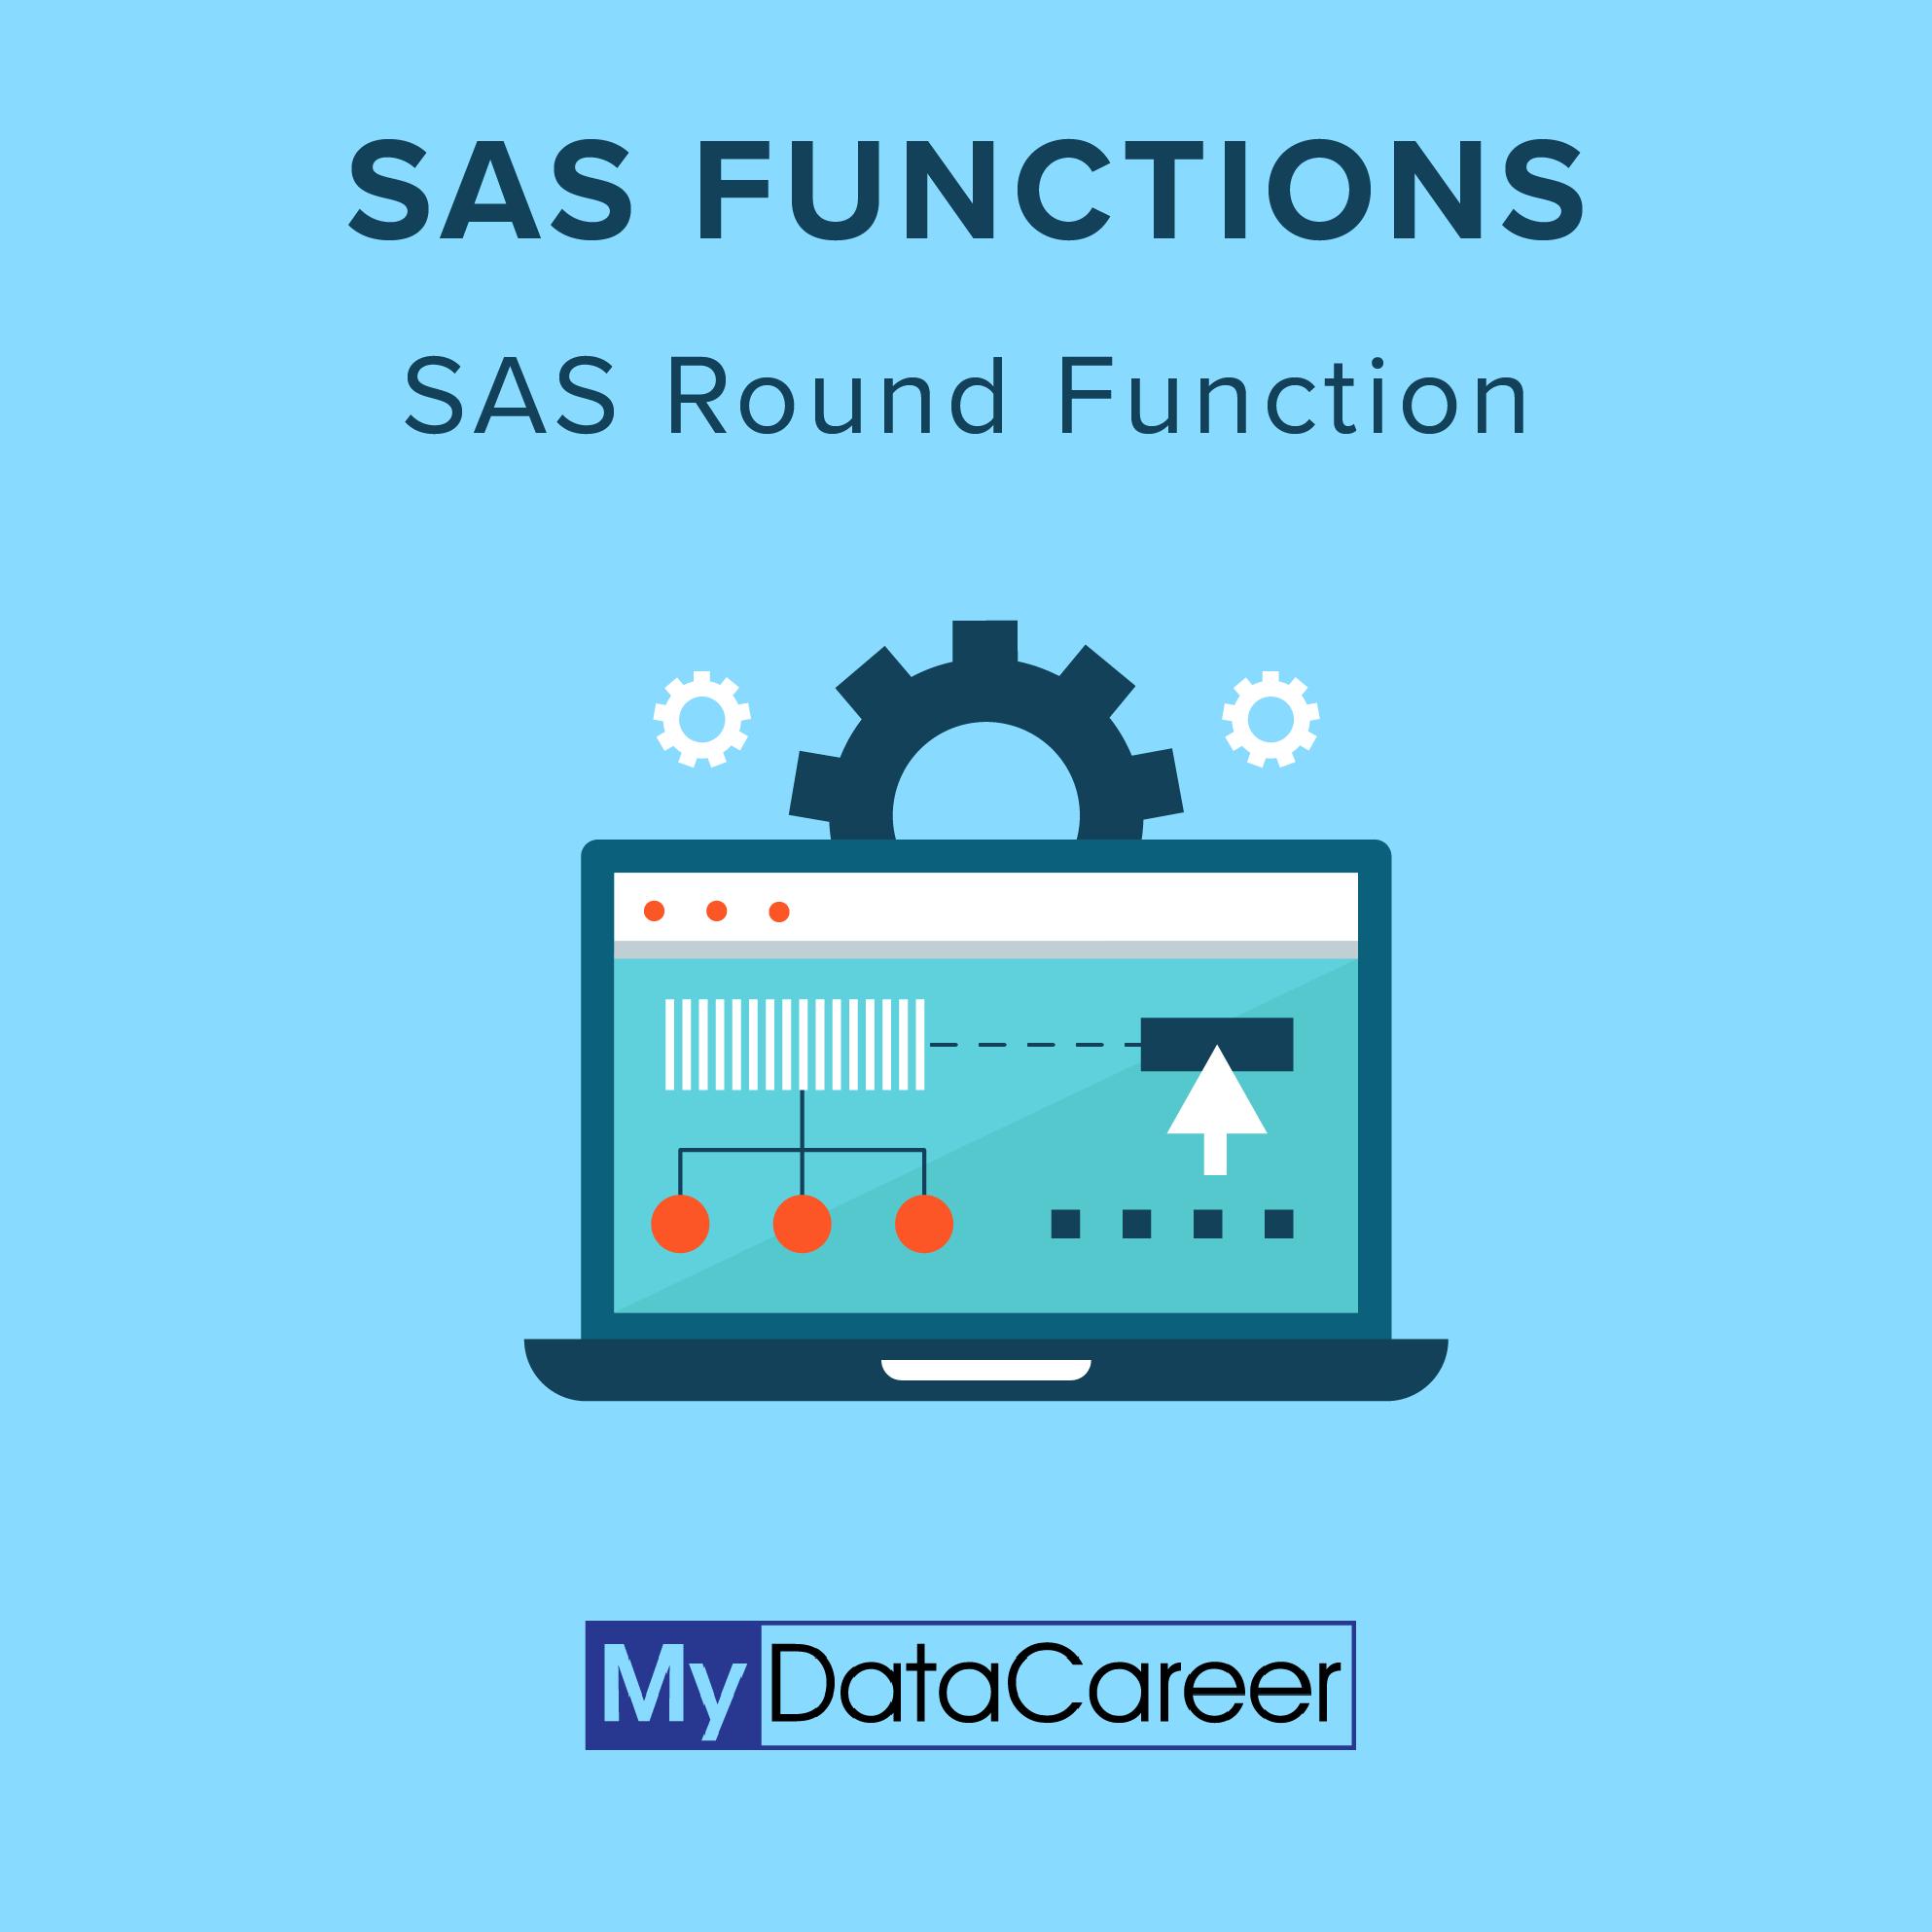 sas round, sas round function, sas round down, sas roundup, sas roundup function, sas ceil, sas ceilz, sas floor, floor in sas, sas fuzz, sas int